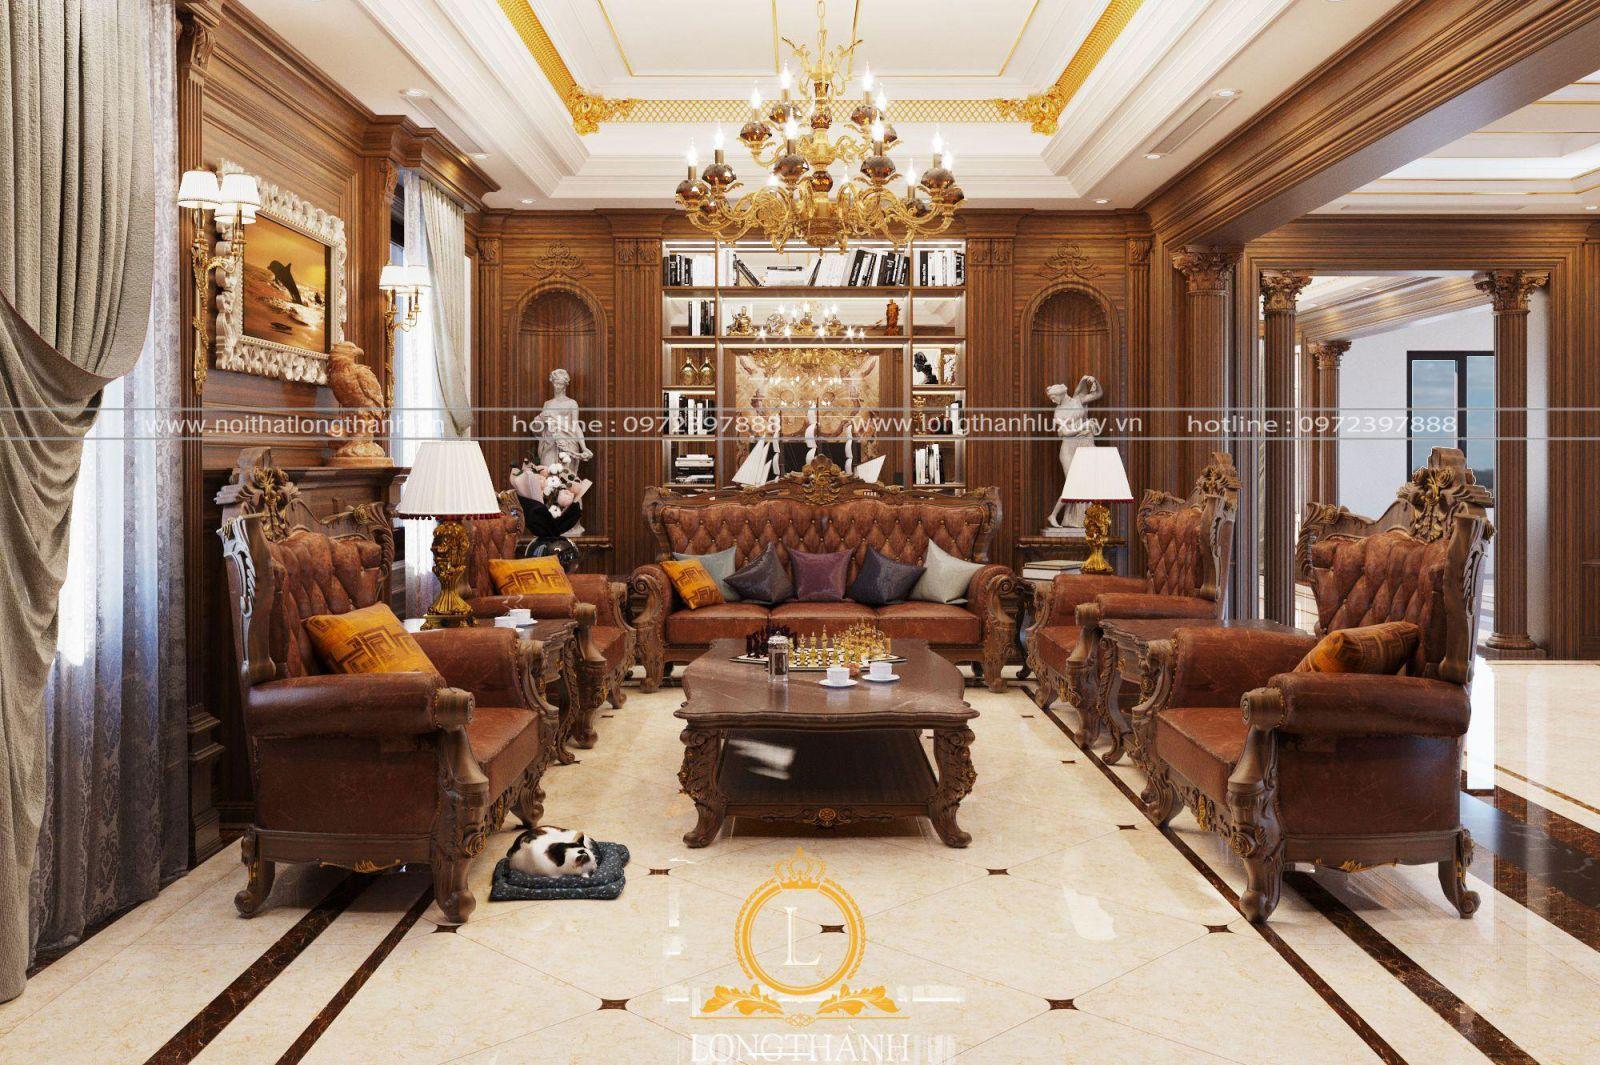 Sofa cổ điển với màu sắc sang trọng, hoàng gia